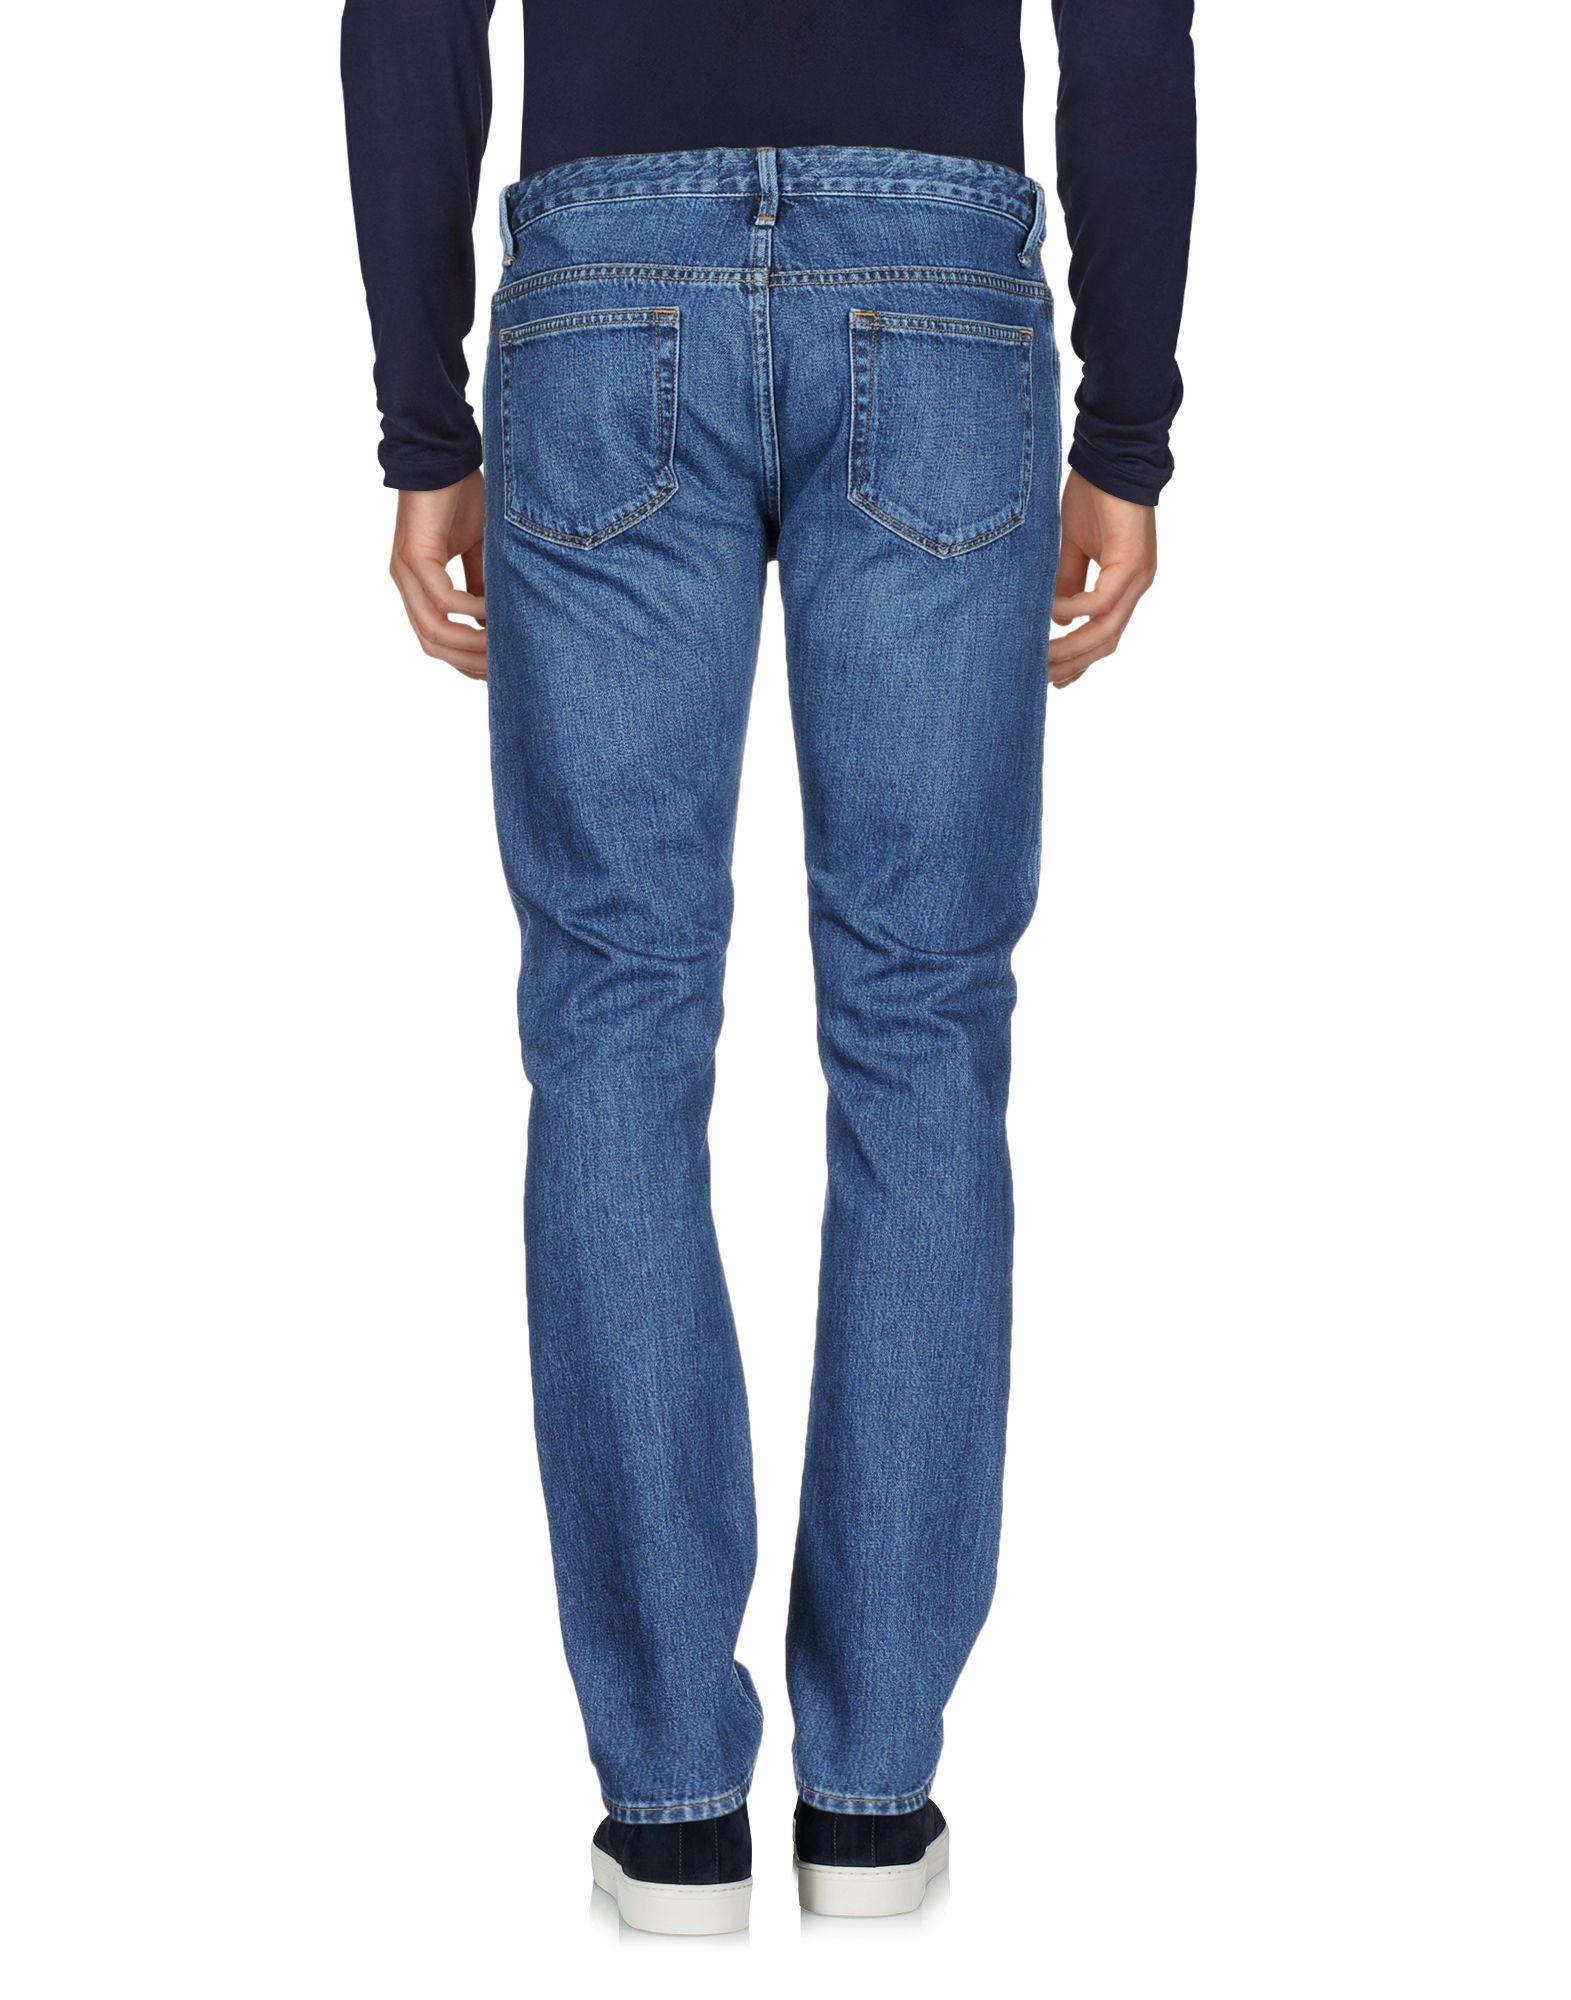 Pantaloni Jeans 42668862LI Officine Générale Paris 6E Uomo - 42668862LI Jeans a1b211